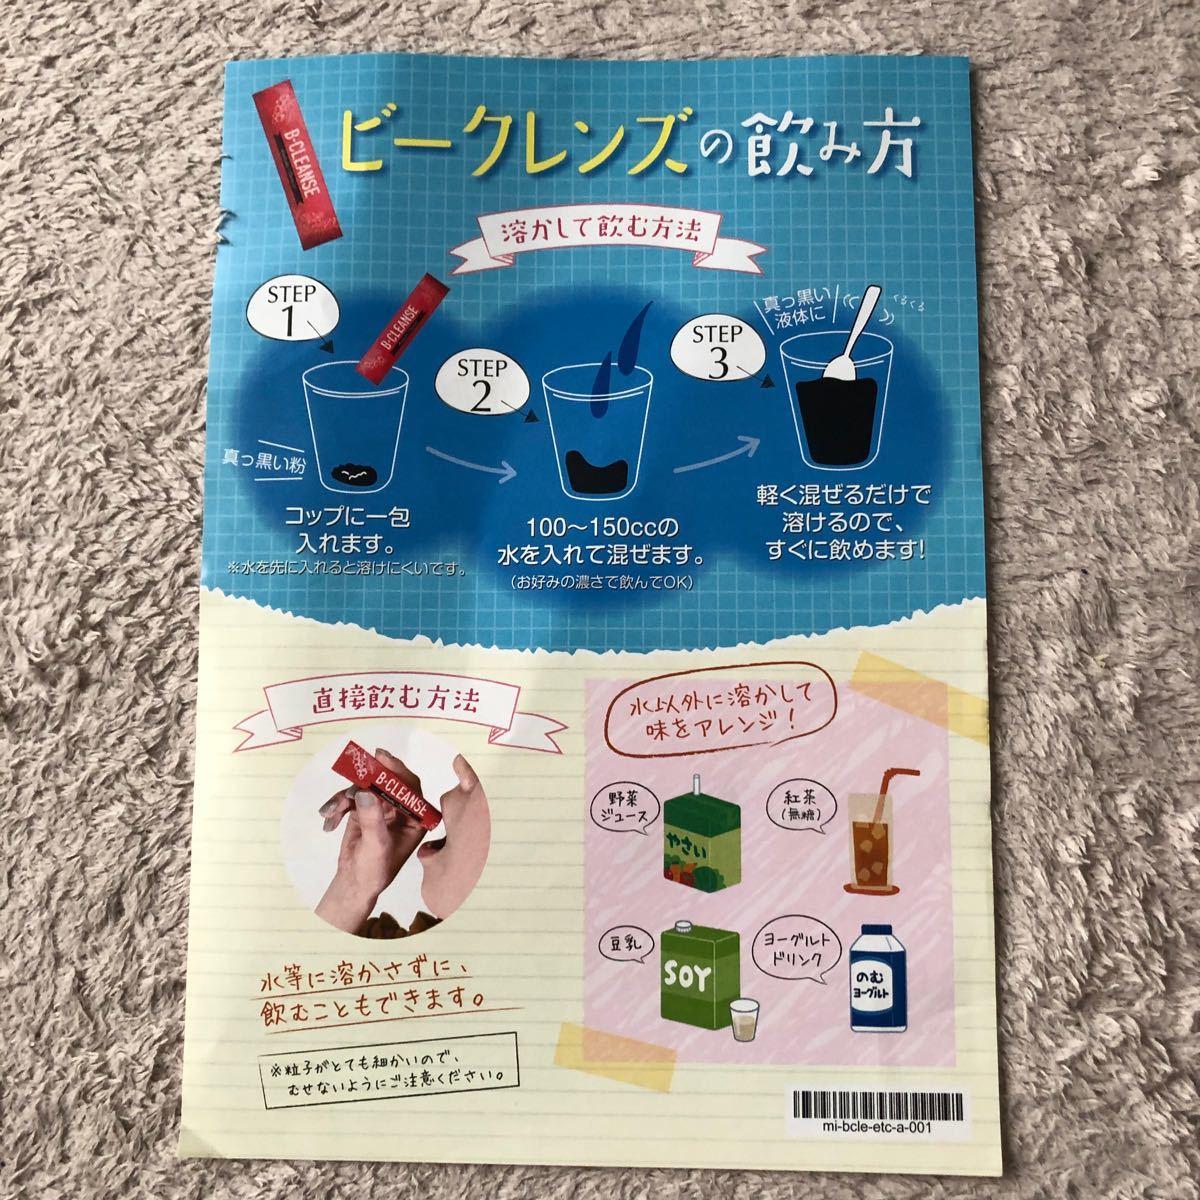 飲み方 置き換え ビークレンズ 【ビークレンズ】日本初のWダイエットって?初めて成功した置き換えダイエットをご紹介